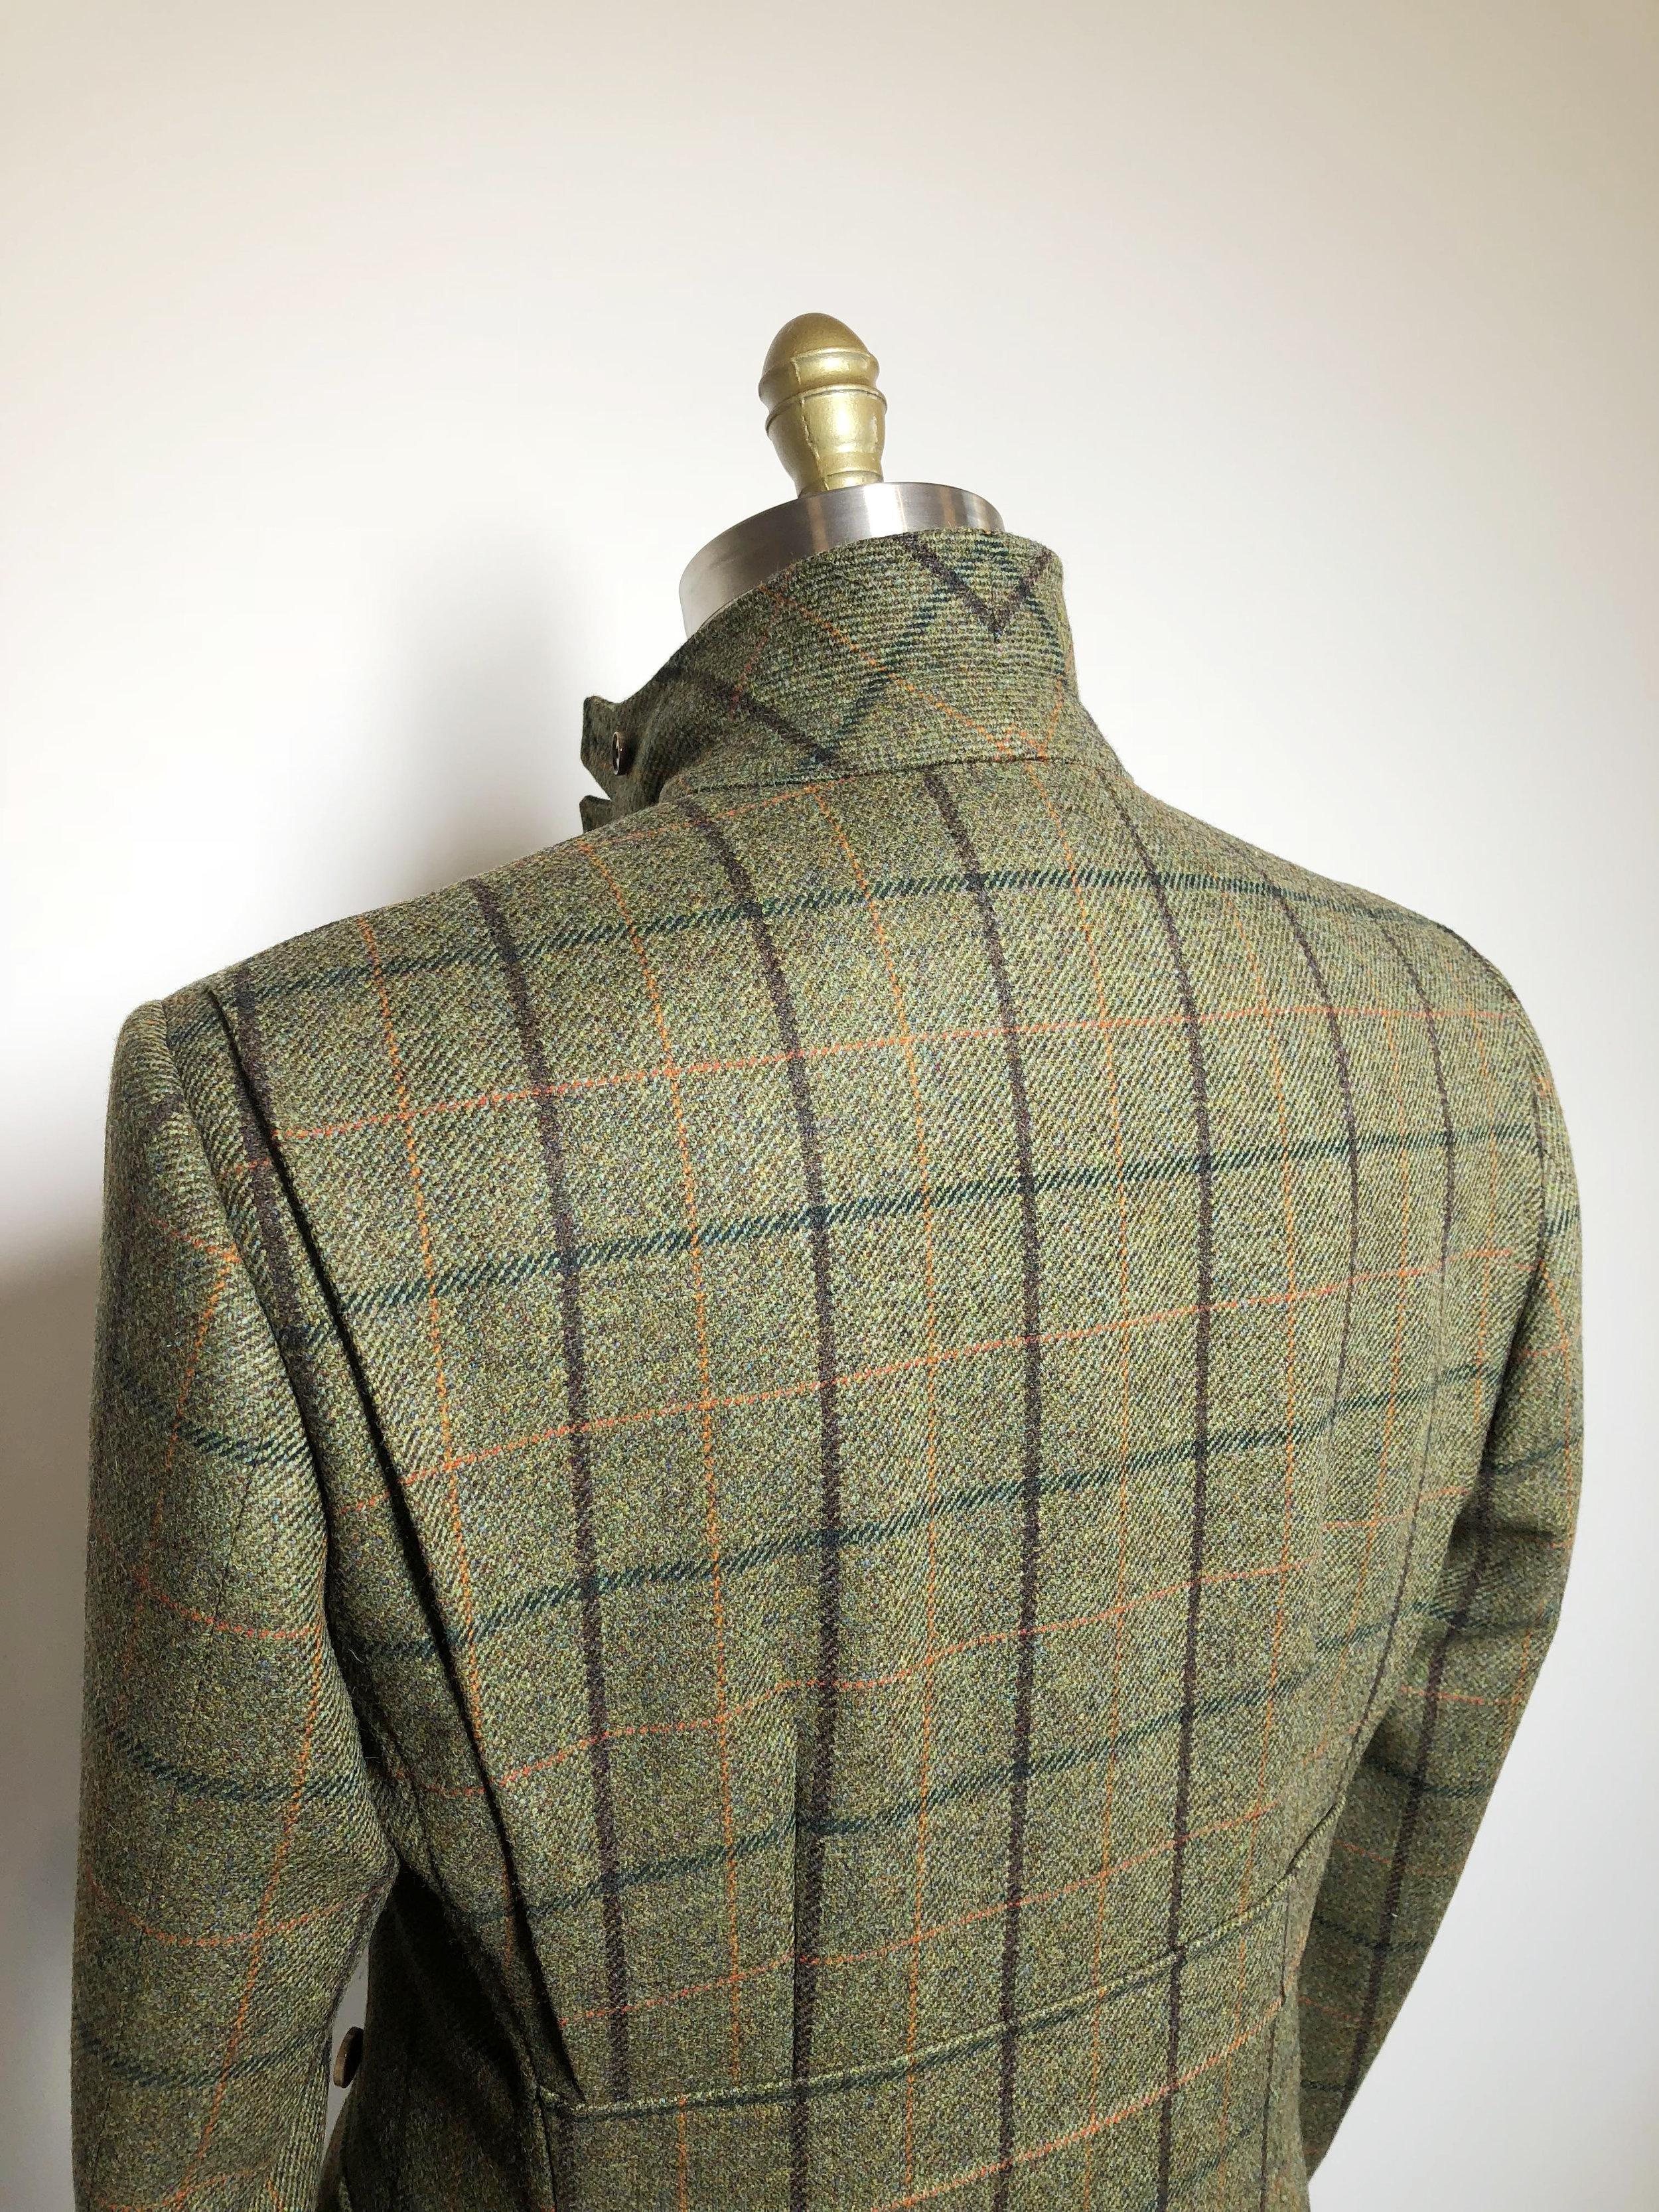 tweed suit back detail.jpg